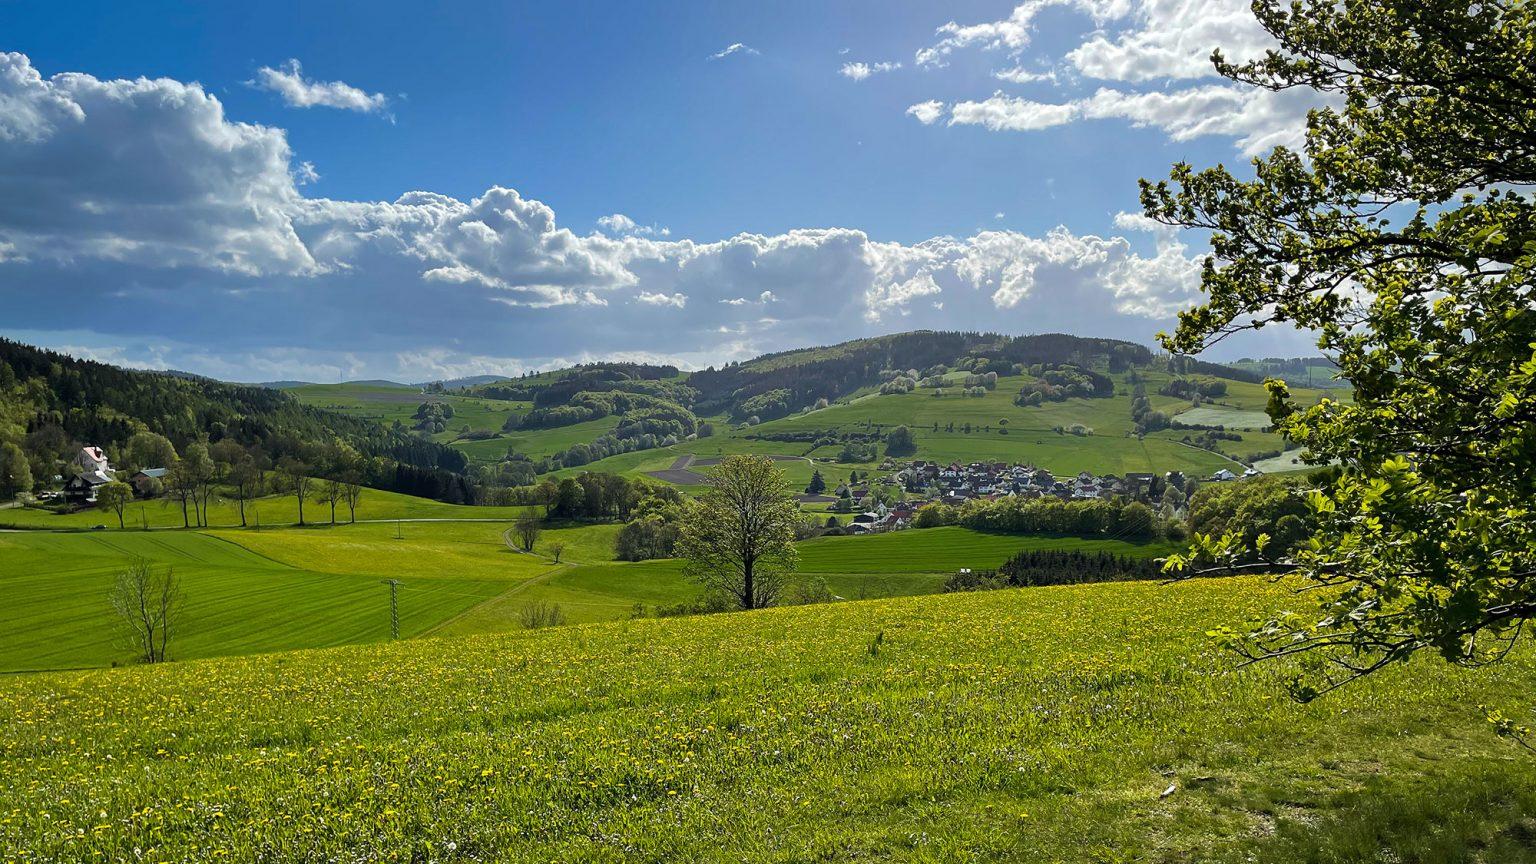 Blick über Wiesen und runde Hügel